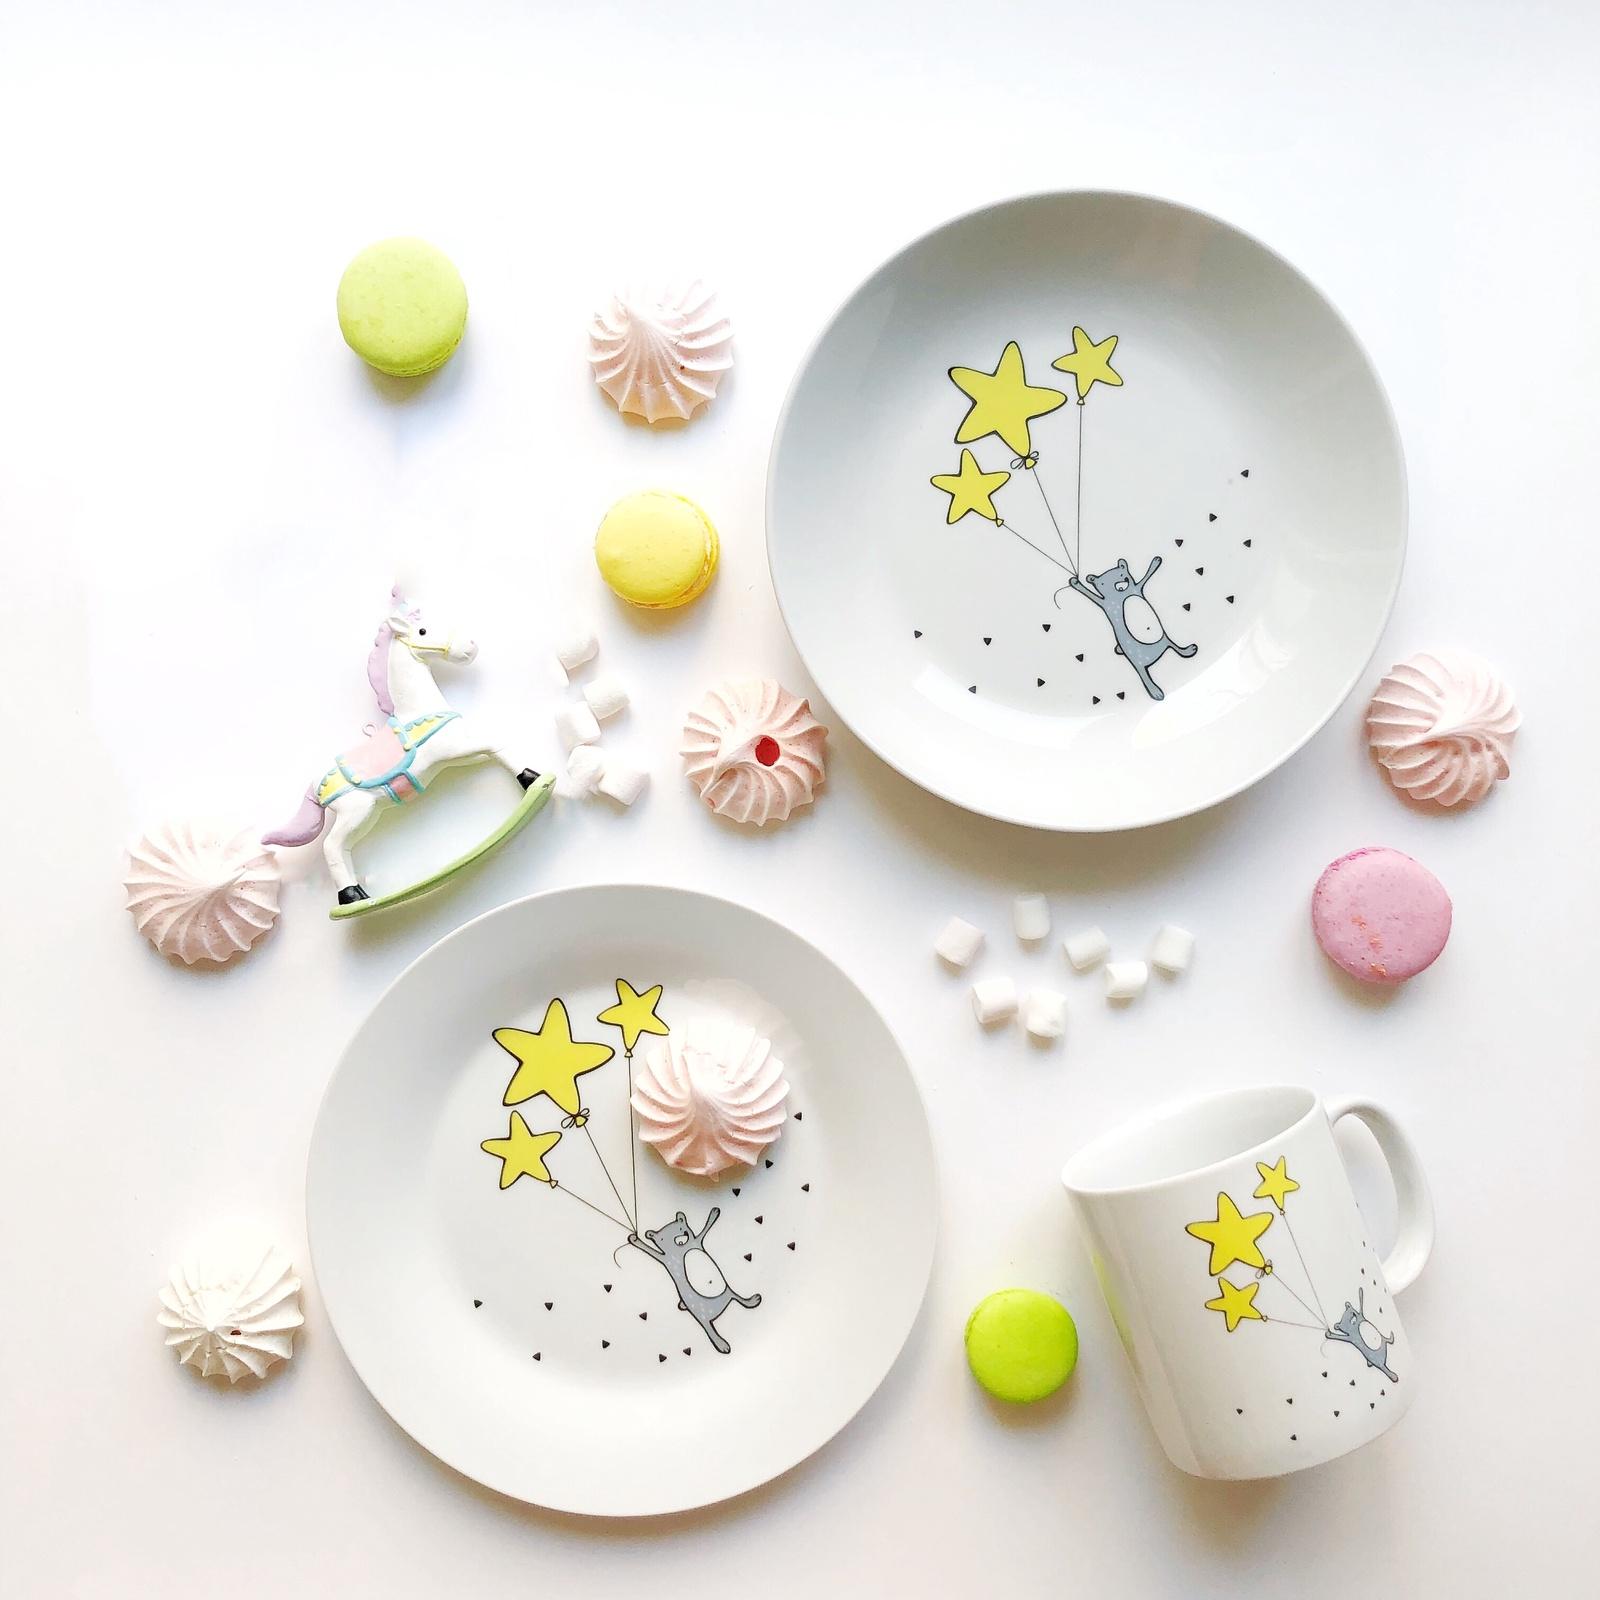 Набор столовой посуды Сотвори Чудо Набор посуды Звёздный мишка (3 в 1: кружка+тарелка+глубокая тарелка Sans Brides), белый тарелка мелкая сотвори чудо цветочный мишка диаметр 20 см